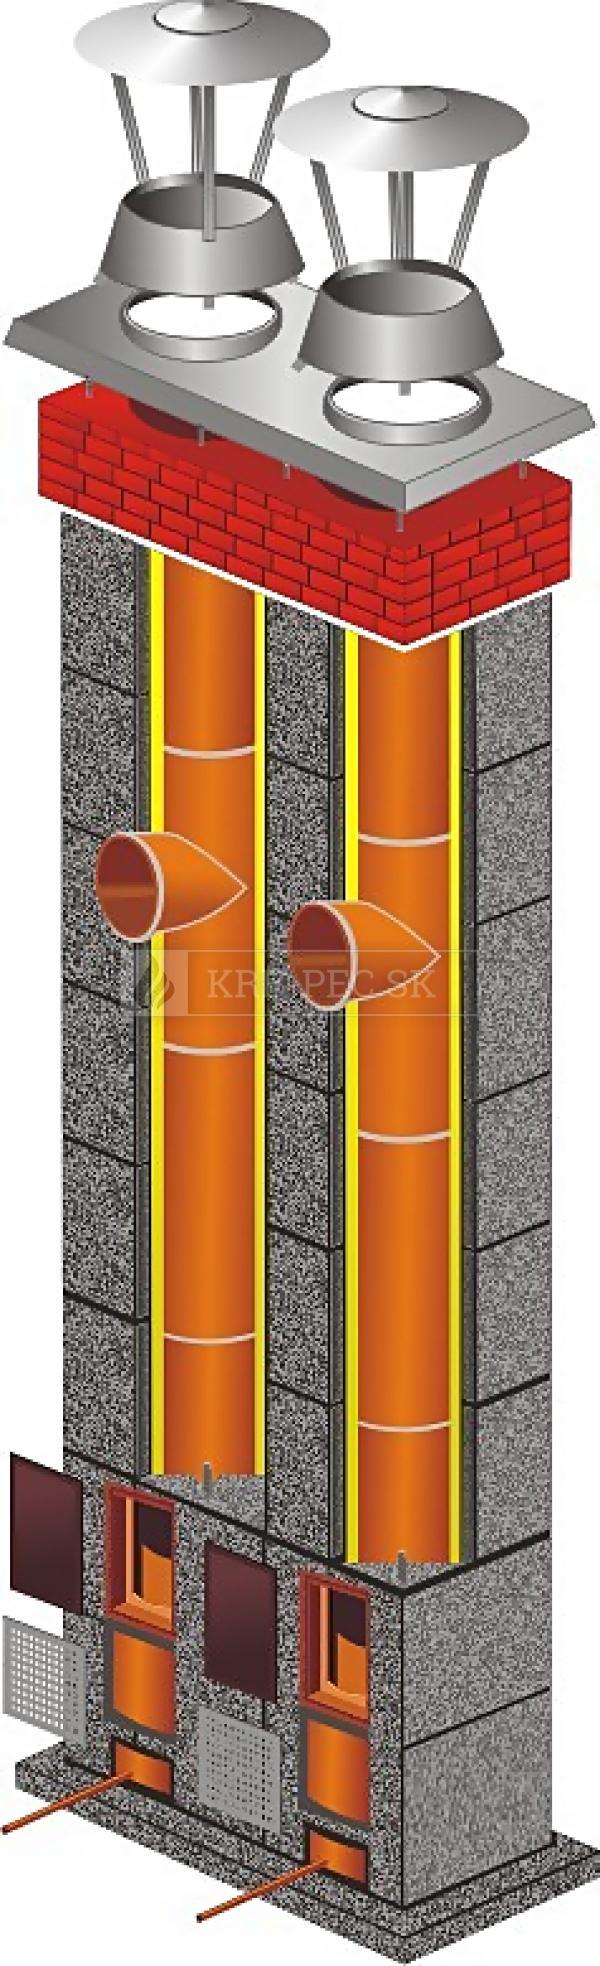 Stadreko - Dvojprieduchový komínový systém z prefabrikovaných tvárnic s vatou Ø 200 / Ø 160 krb-pec